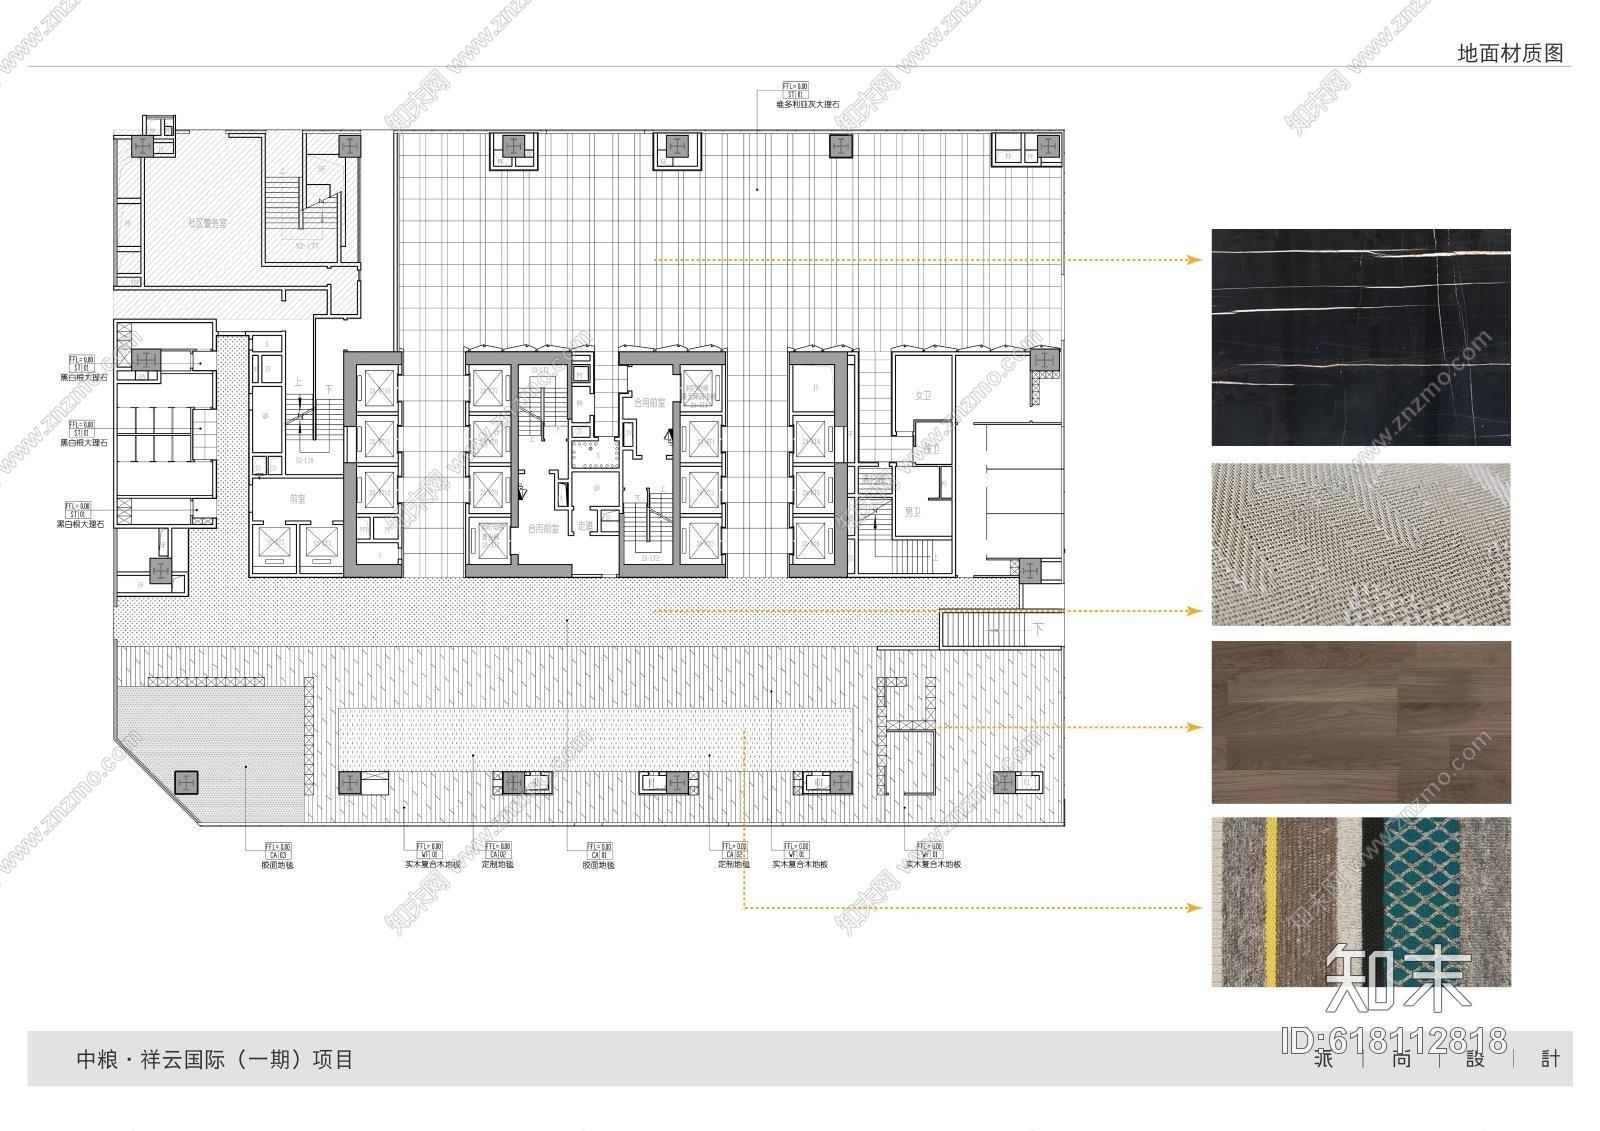 【派尚设计】中粮祥云售楼处丨设计方案+效果图+CAD平面图丨PDF+JPG施工图下载【ID:618112818】